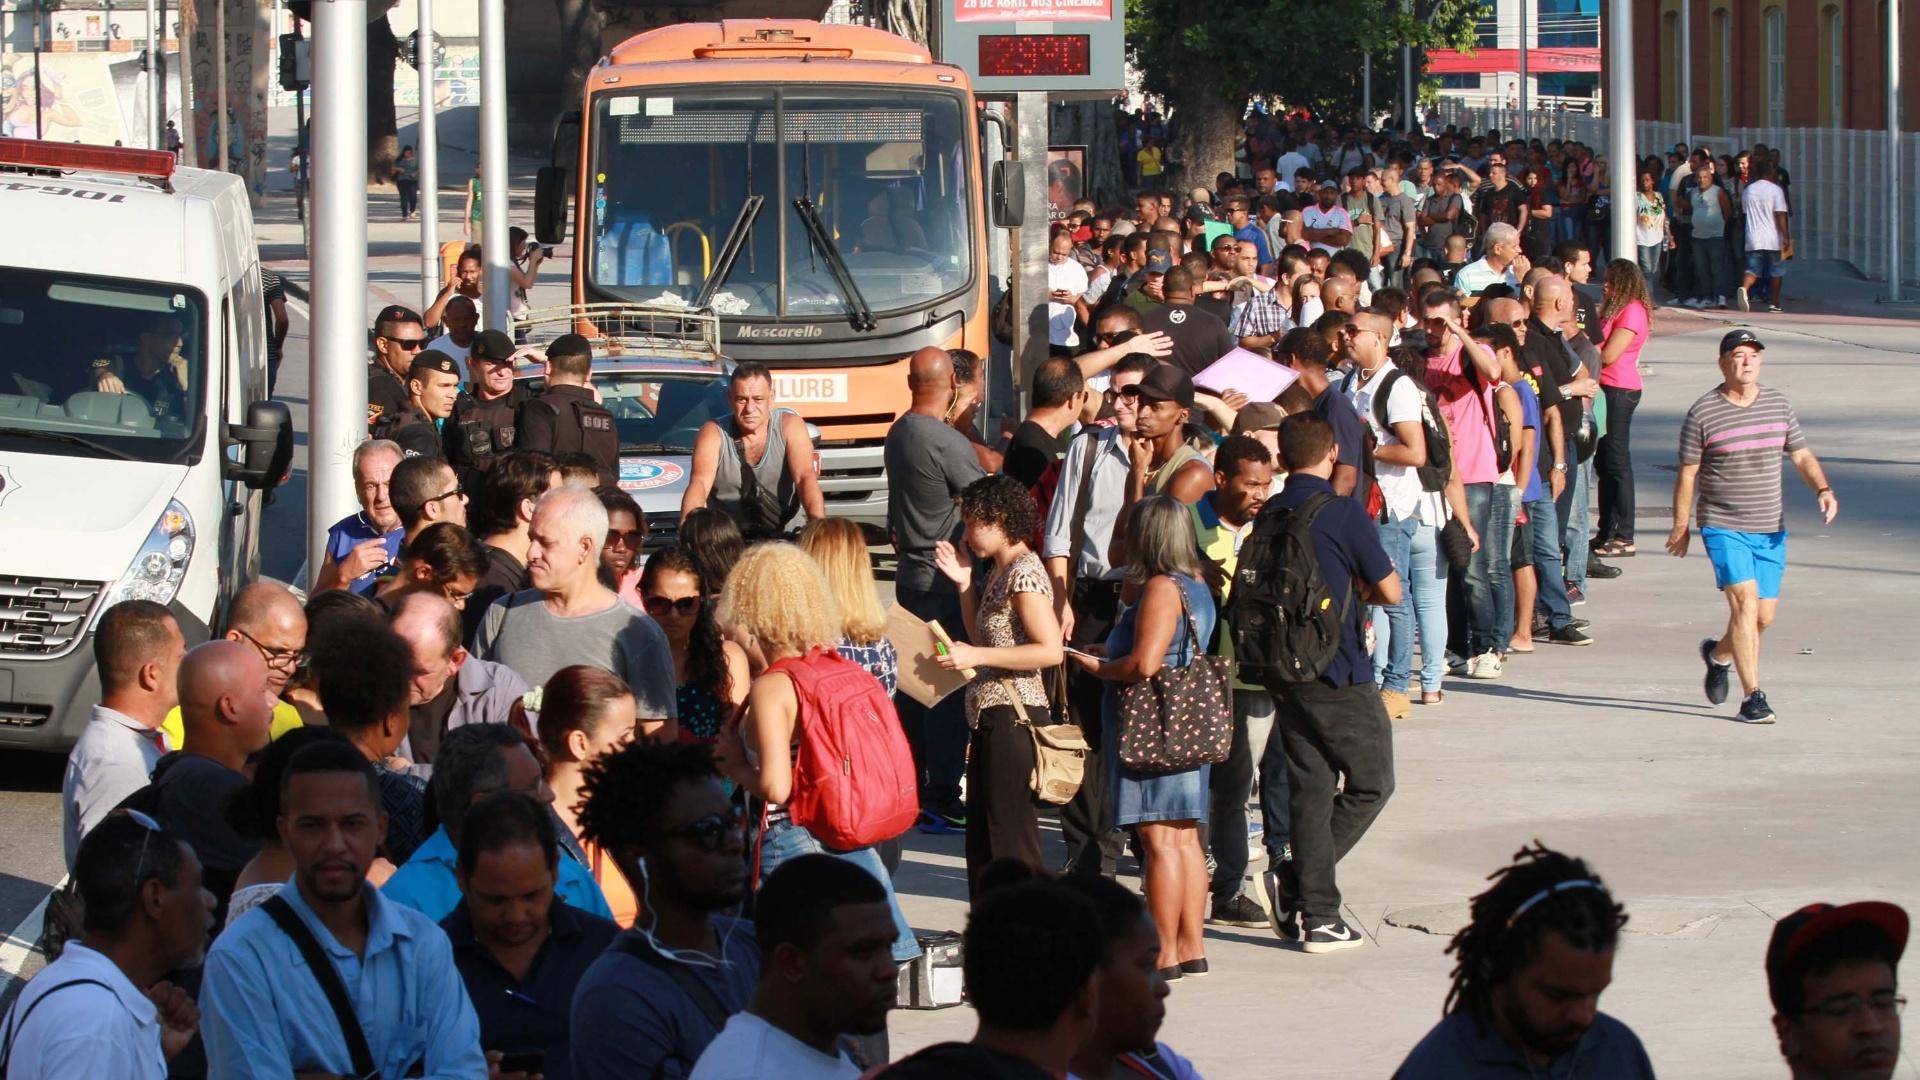 Estado tem 10% dos desempregados do país | Mercado do trabalho se deteriora no RJ e gera angústia em quem busca vaga